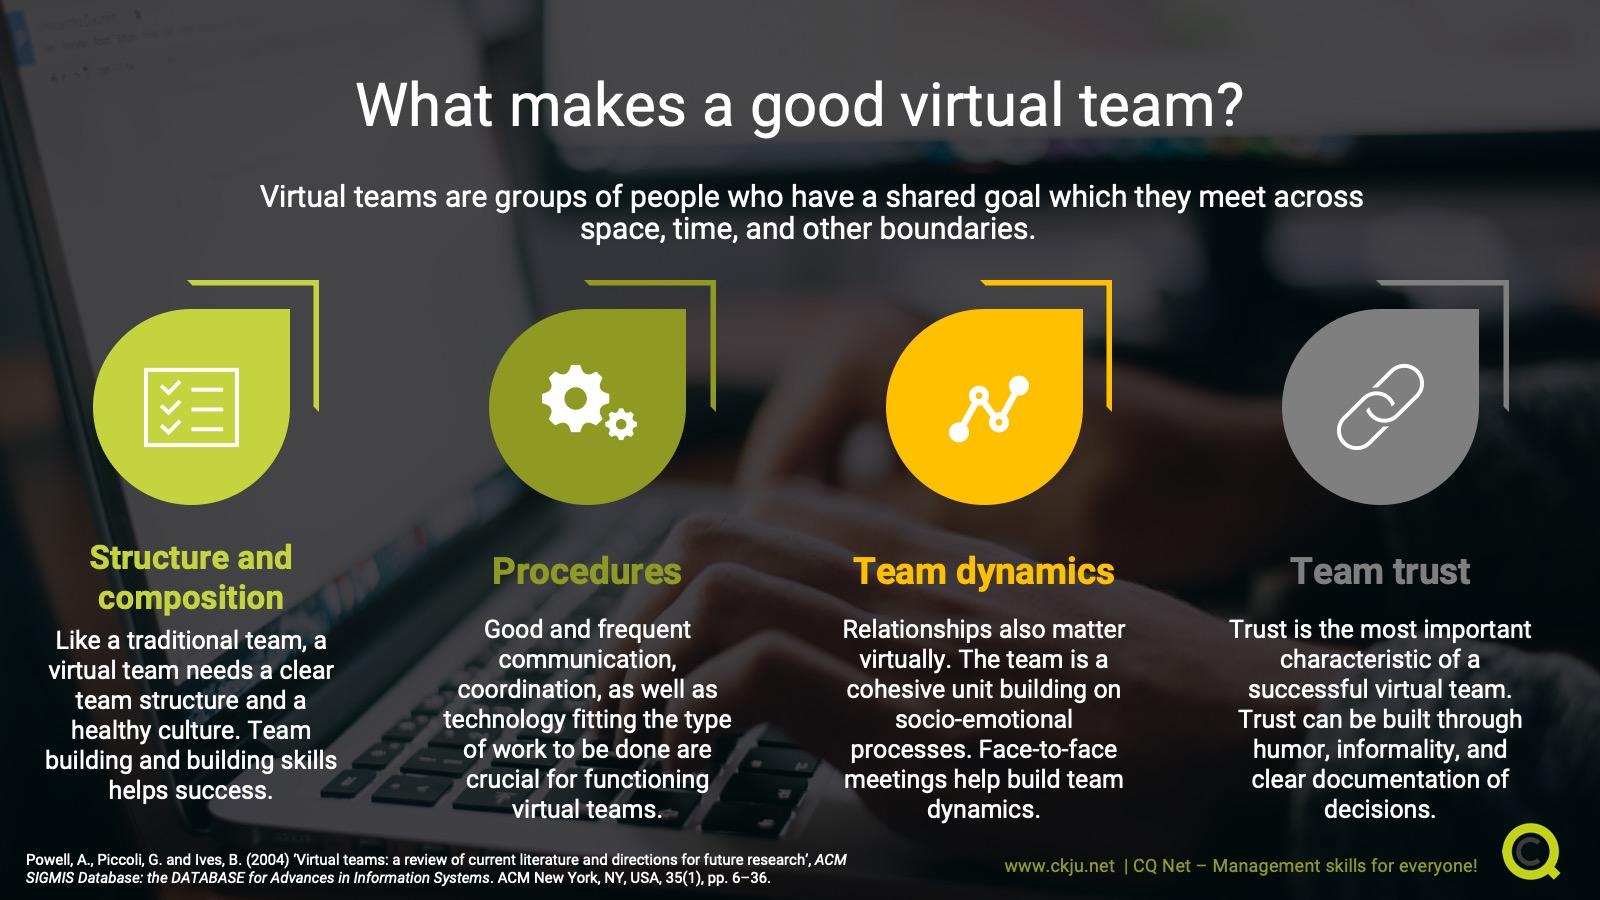 What makes a good virtual team?